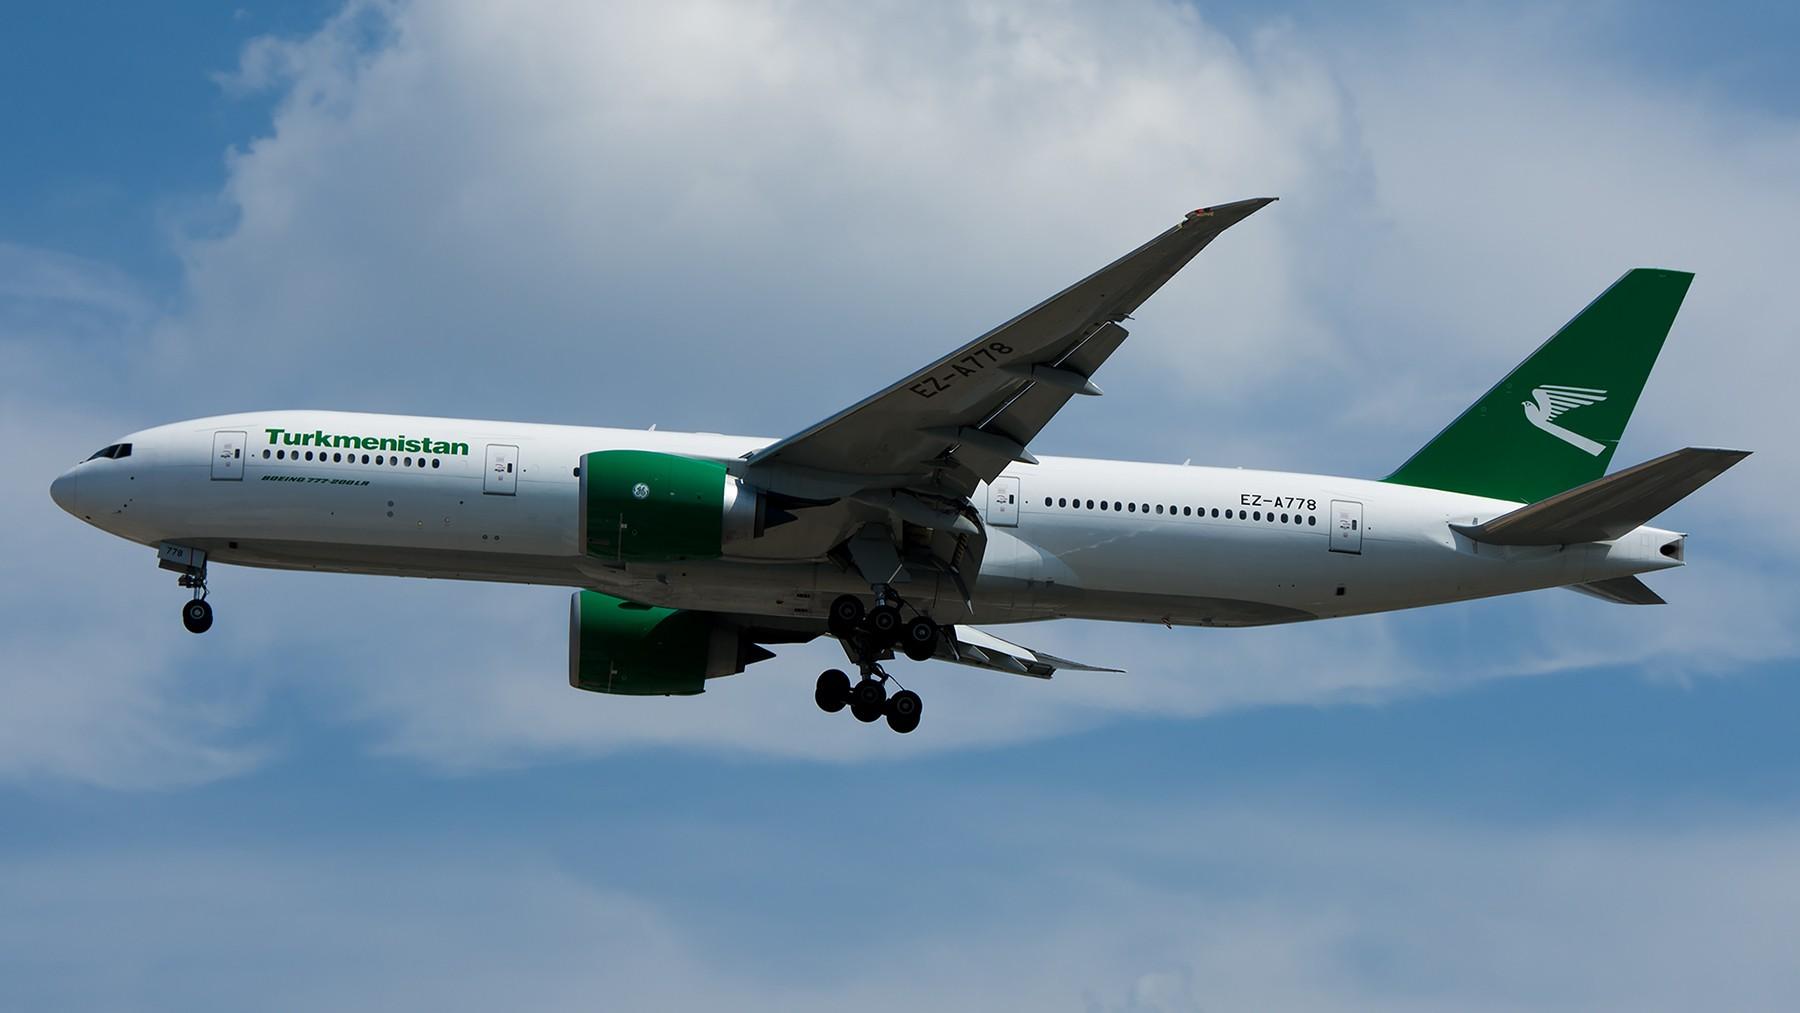 Re:[原创]终于放假了,出来冒个泡,随便发几张 BOEING 777-200 EZ-A778 中国北京首都国际机场